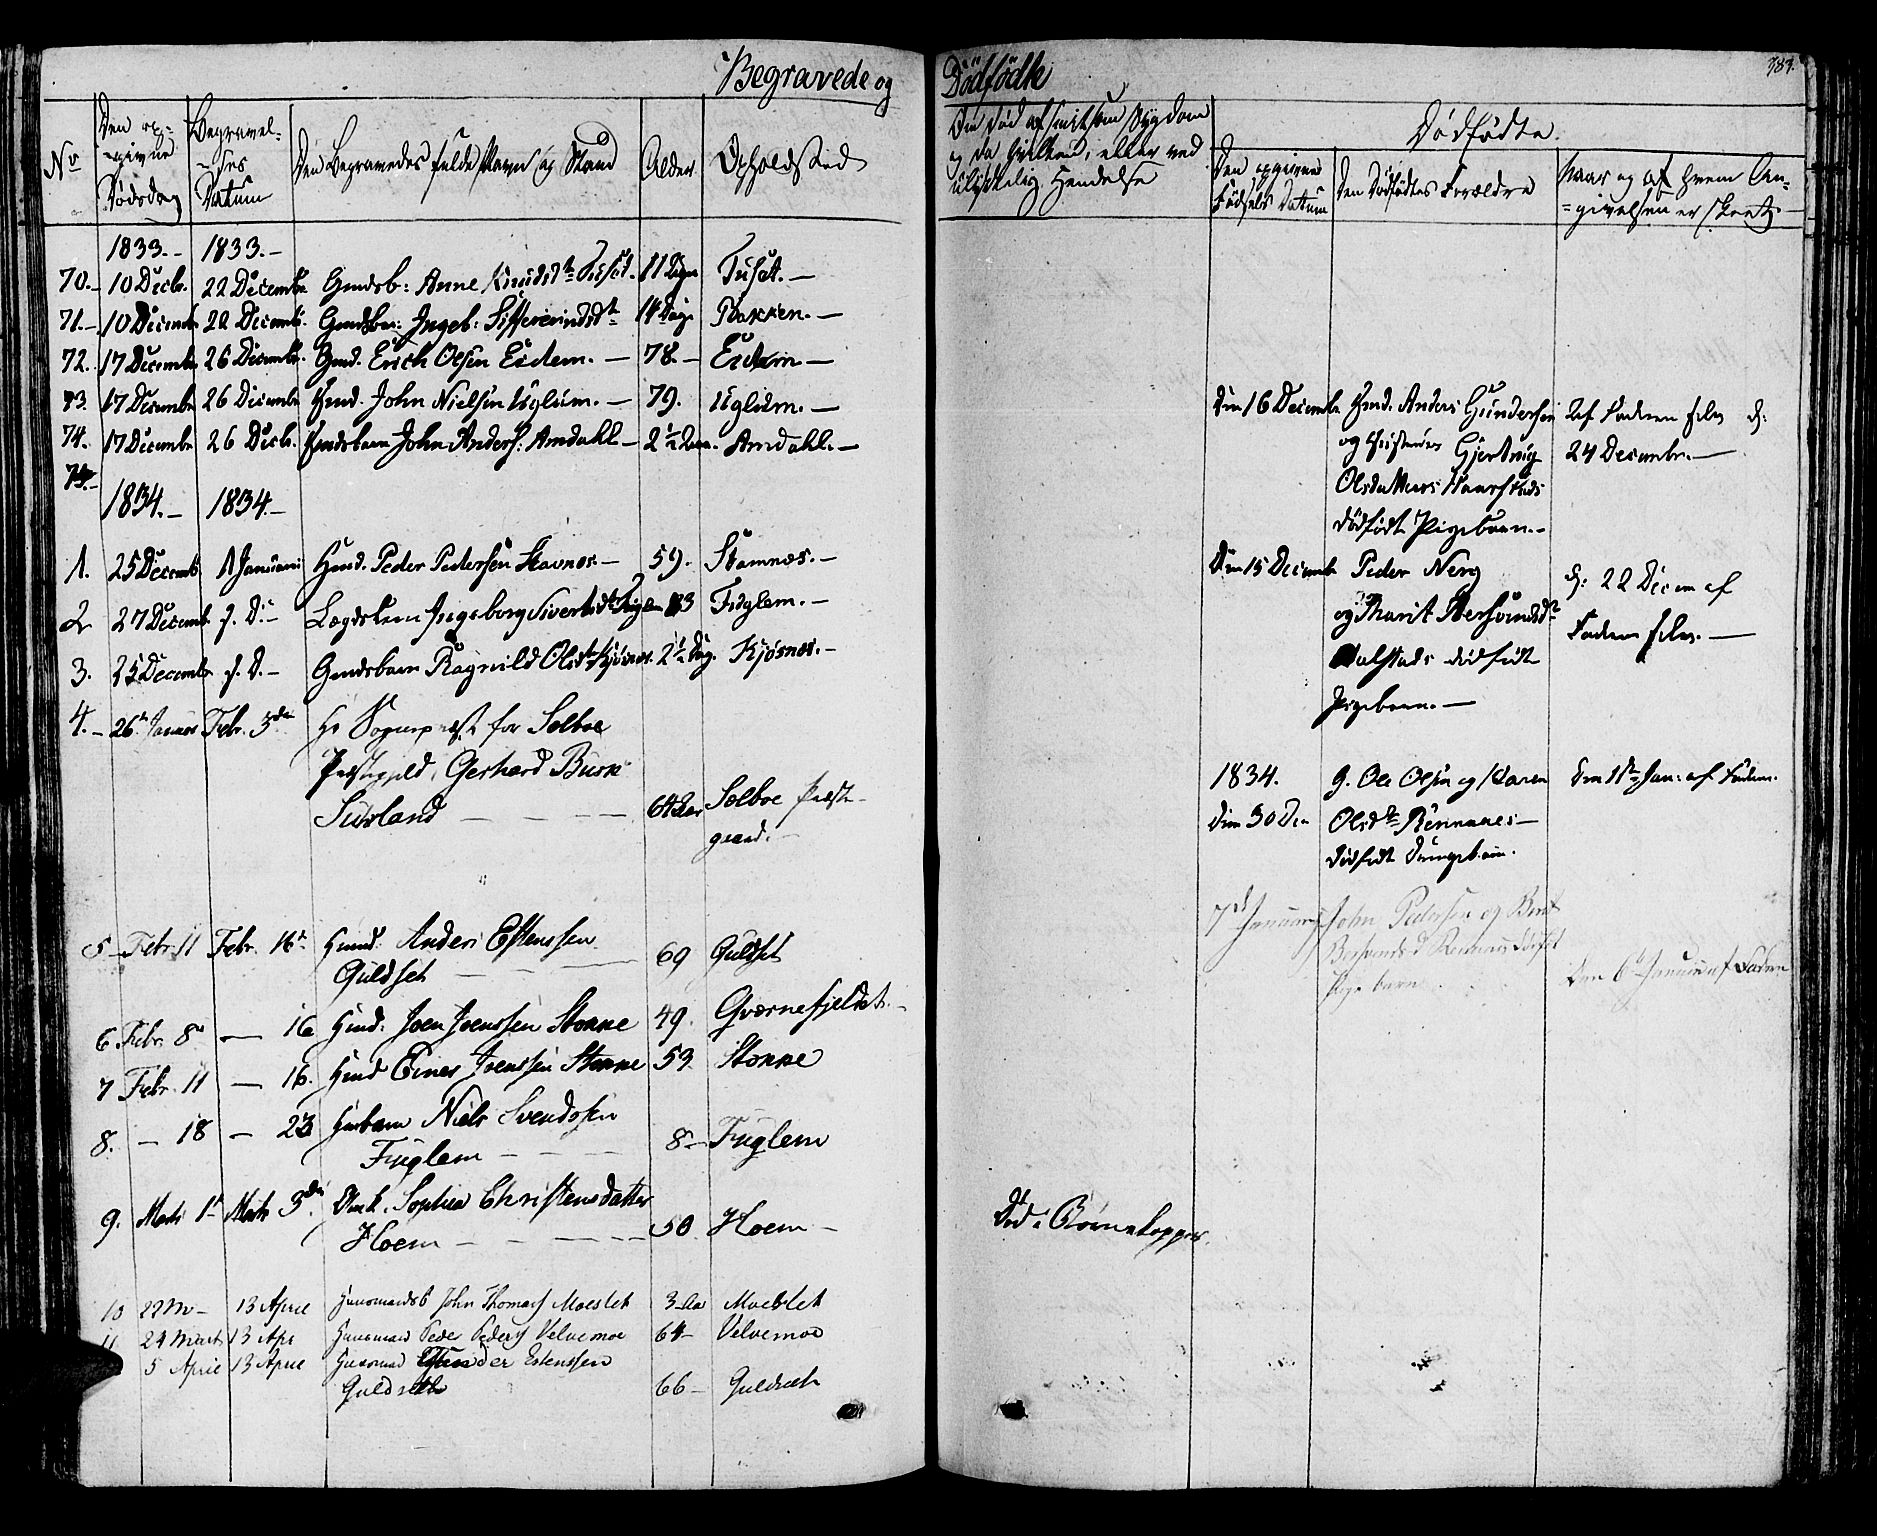 SAT, Ministerialprotokoller, klokkerbøker og fødselsregistre - Sør-Trøndelag, 695/L1143: Ministerialbok nr. 695A05 /1, 1824-1842, s. 383